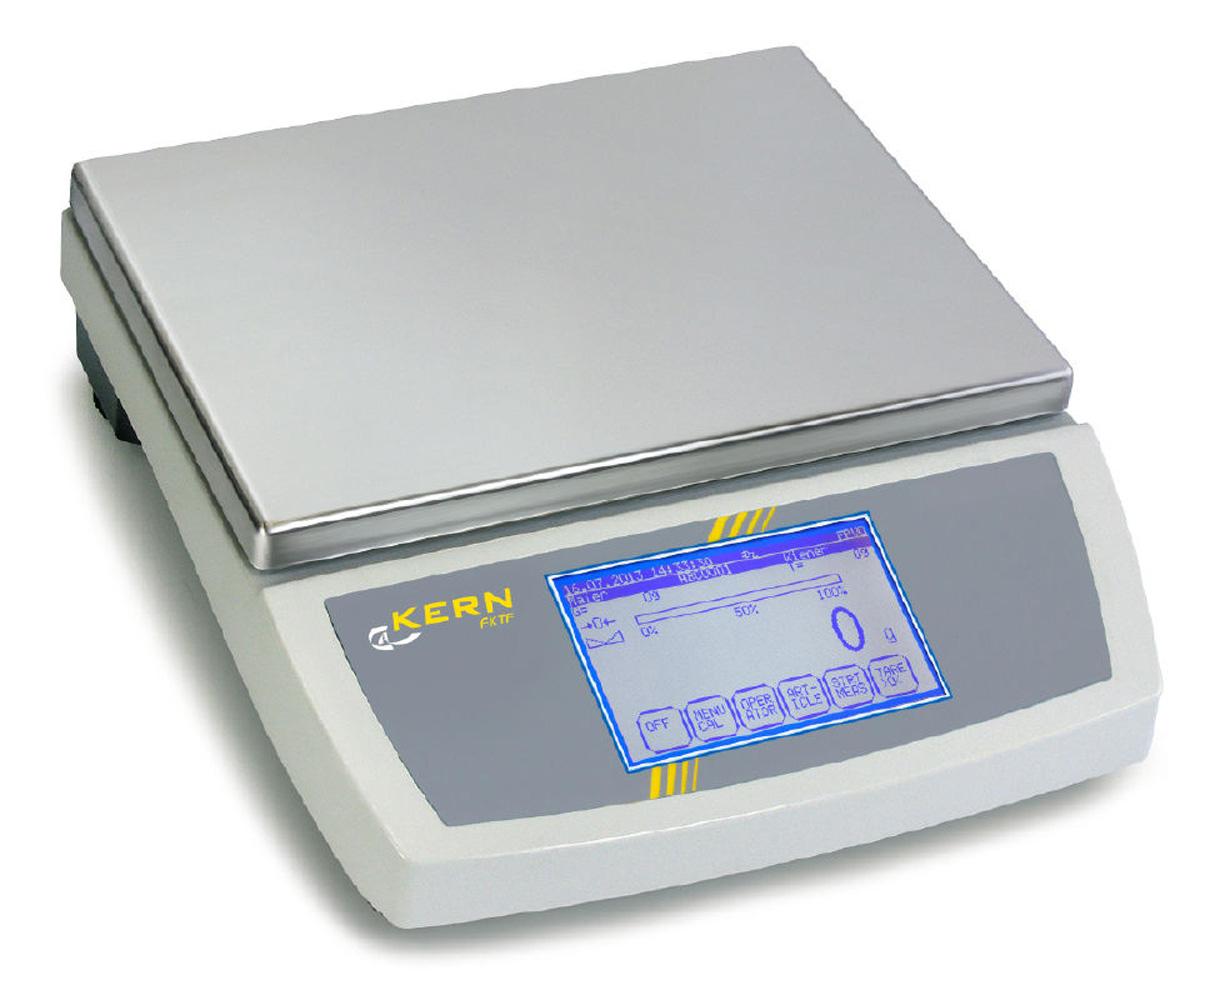 Kontrollwaage mit Touchscreen-Bedienung zur Stichprobenprüfung|nach der eichamtlichen Fertigpackungsverordnung (FPVO) und zur|Füllmengensteuerung im Produktionsprozess